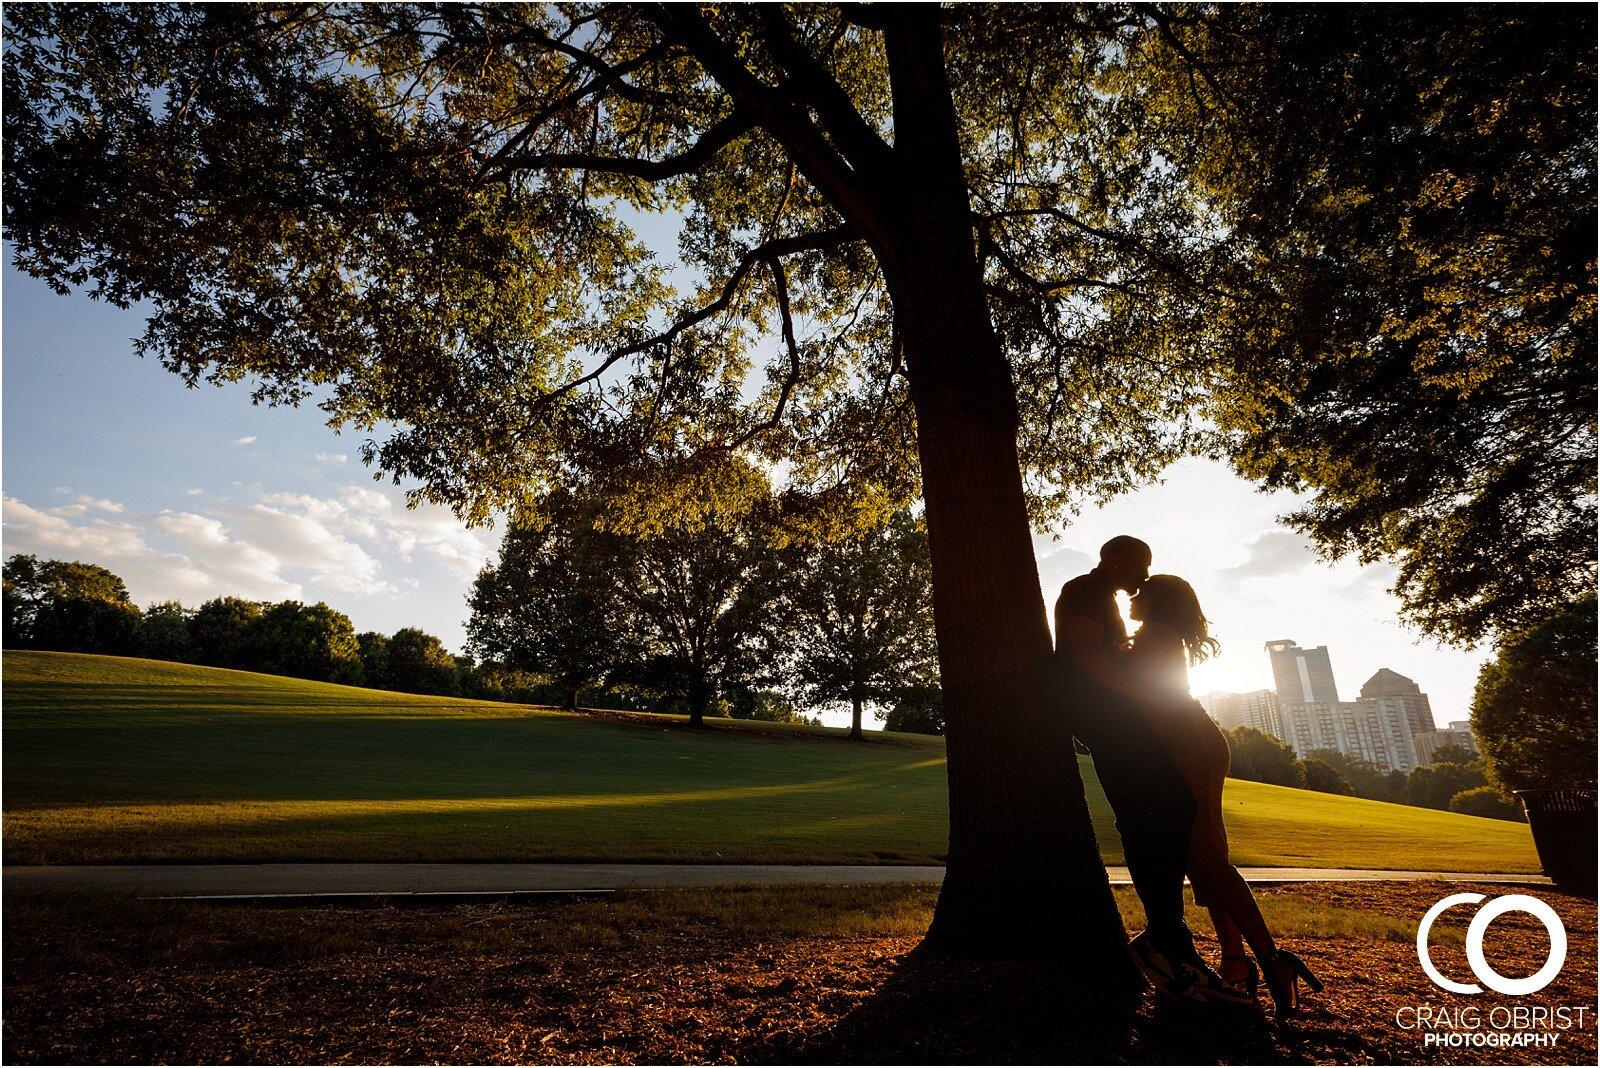 Piedmont Park Merecedes Benz Stadium Atlanta Skyline Enagagement Portraits_0010.jpg